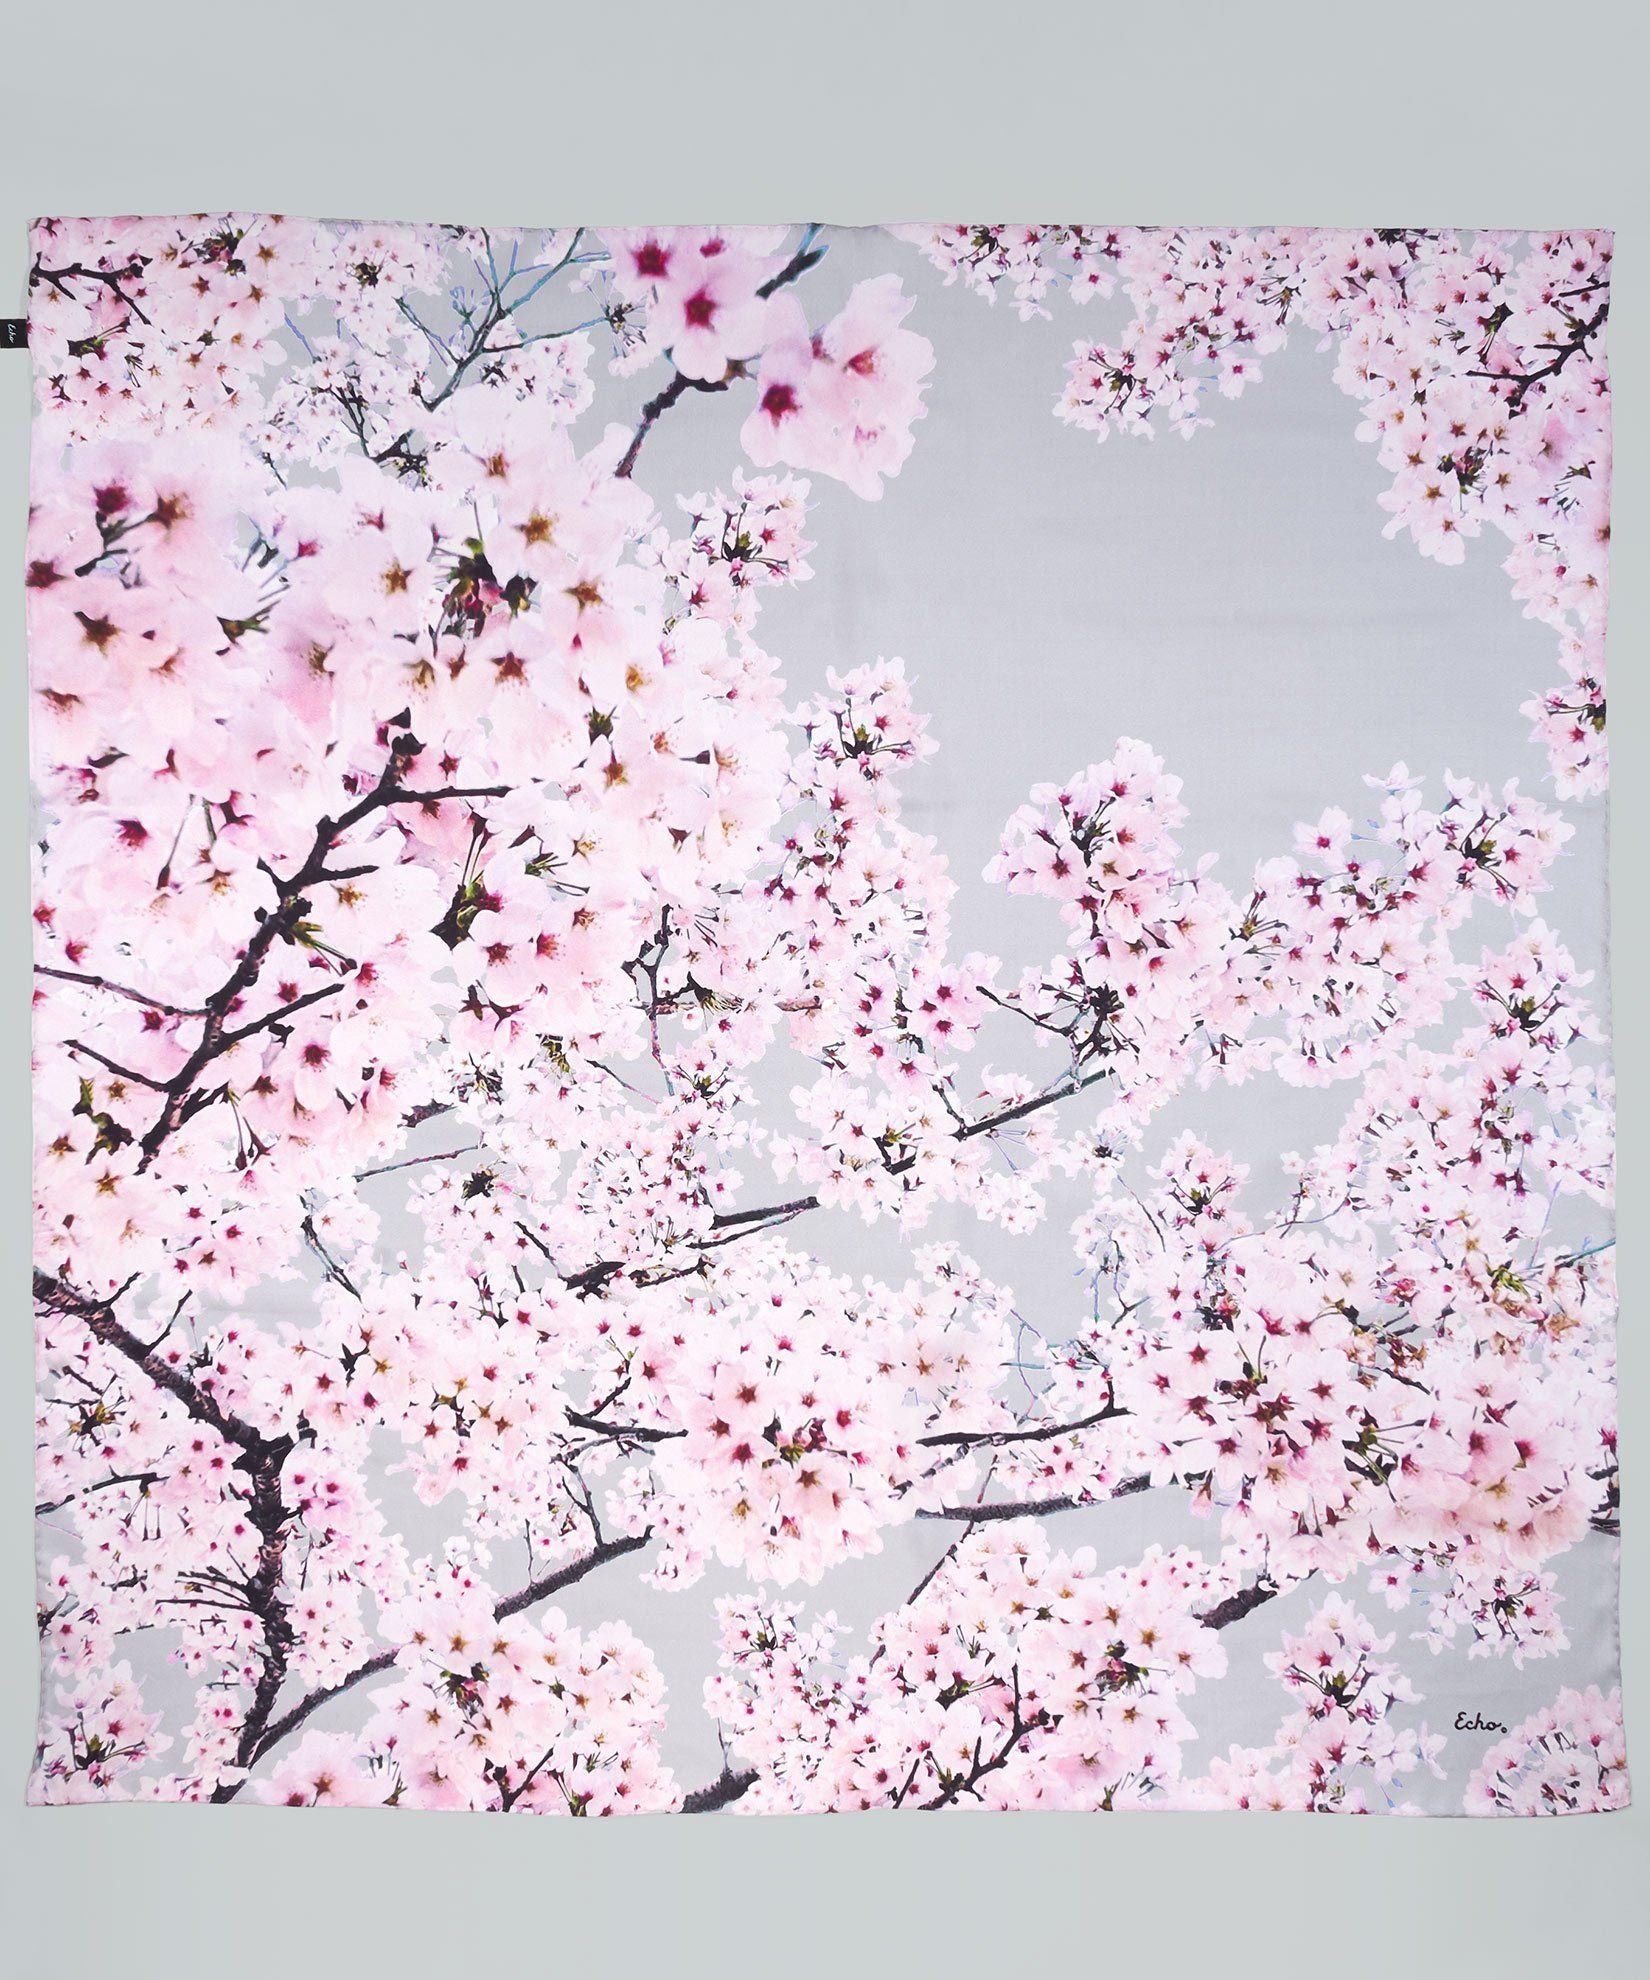 Cherry Blossoms Silk Square In 2021 Cherry Blossom Wallpaper Cherry Blossom Petals Cherry Blossom Bedroom